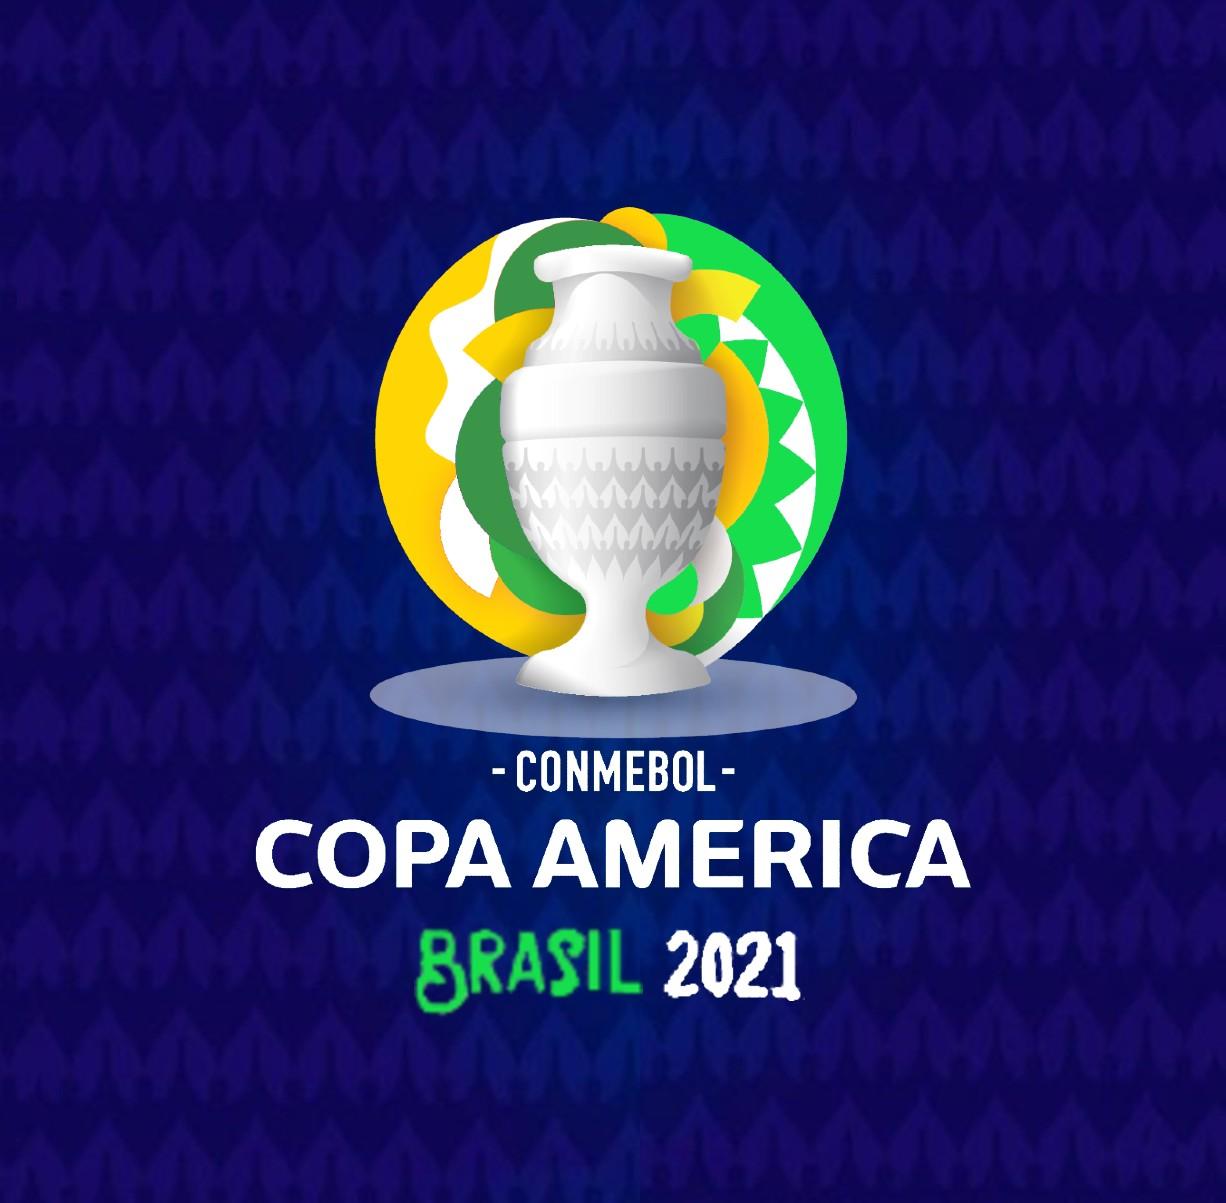 Mesmo com diversas polêmicas a Copa América no Brasil já começou – Fonte: Wikimedia Commons